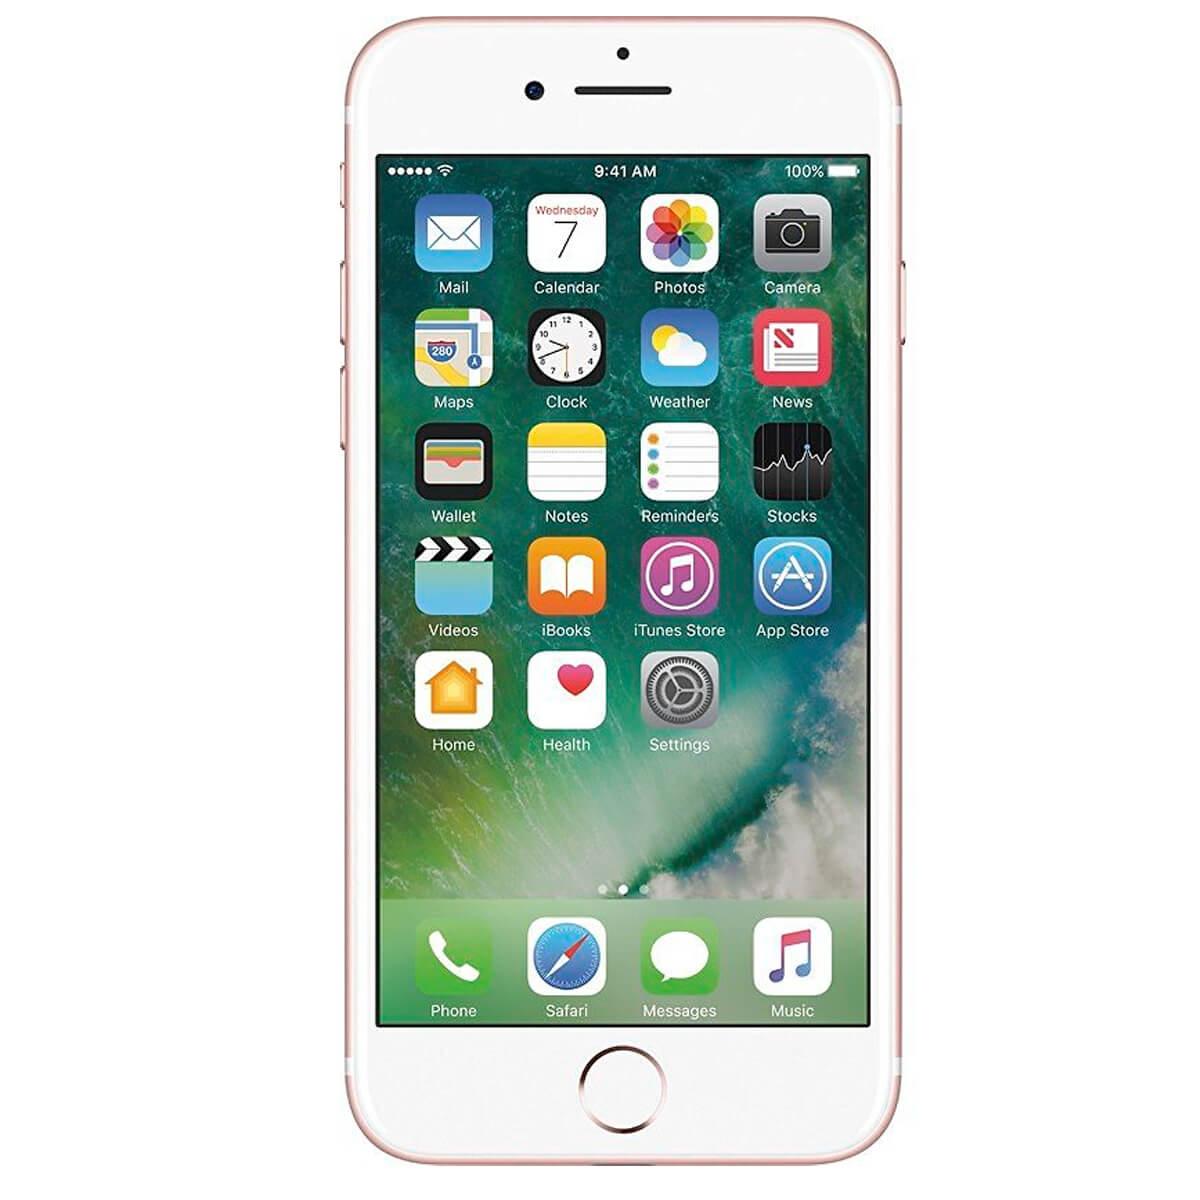 ed96edbd56 ... Iphone Os 7: IPhone 7 Plus : Caracteristicas, Precio, Reviews Y Donde